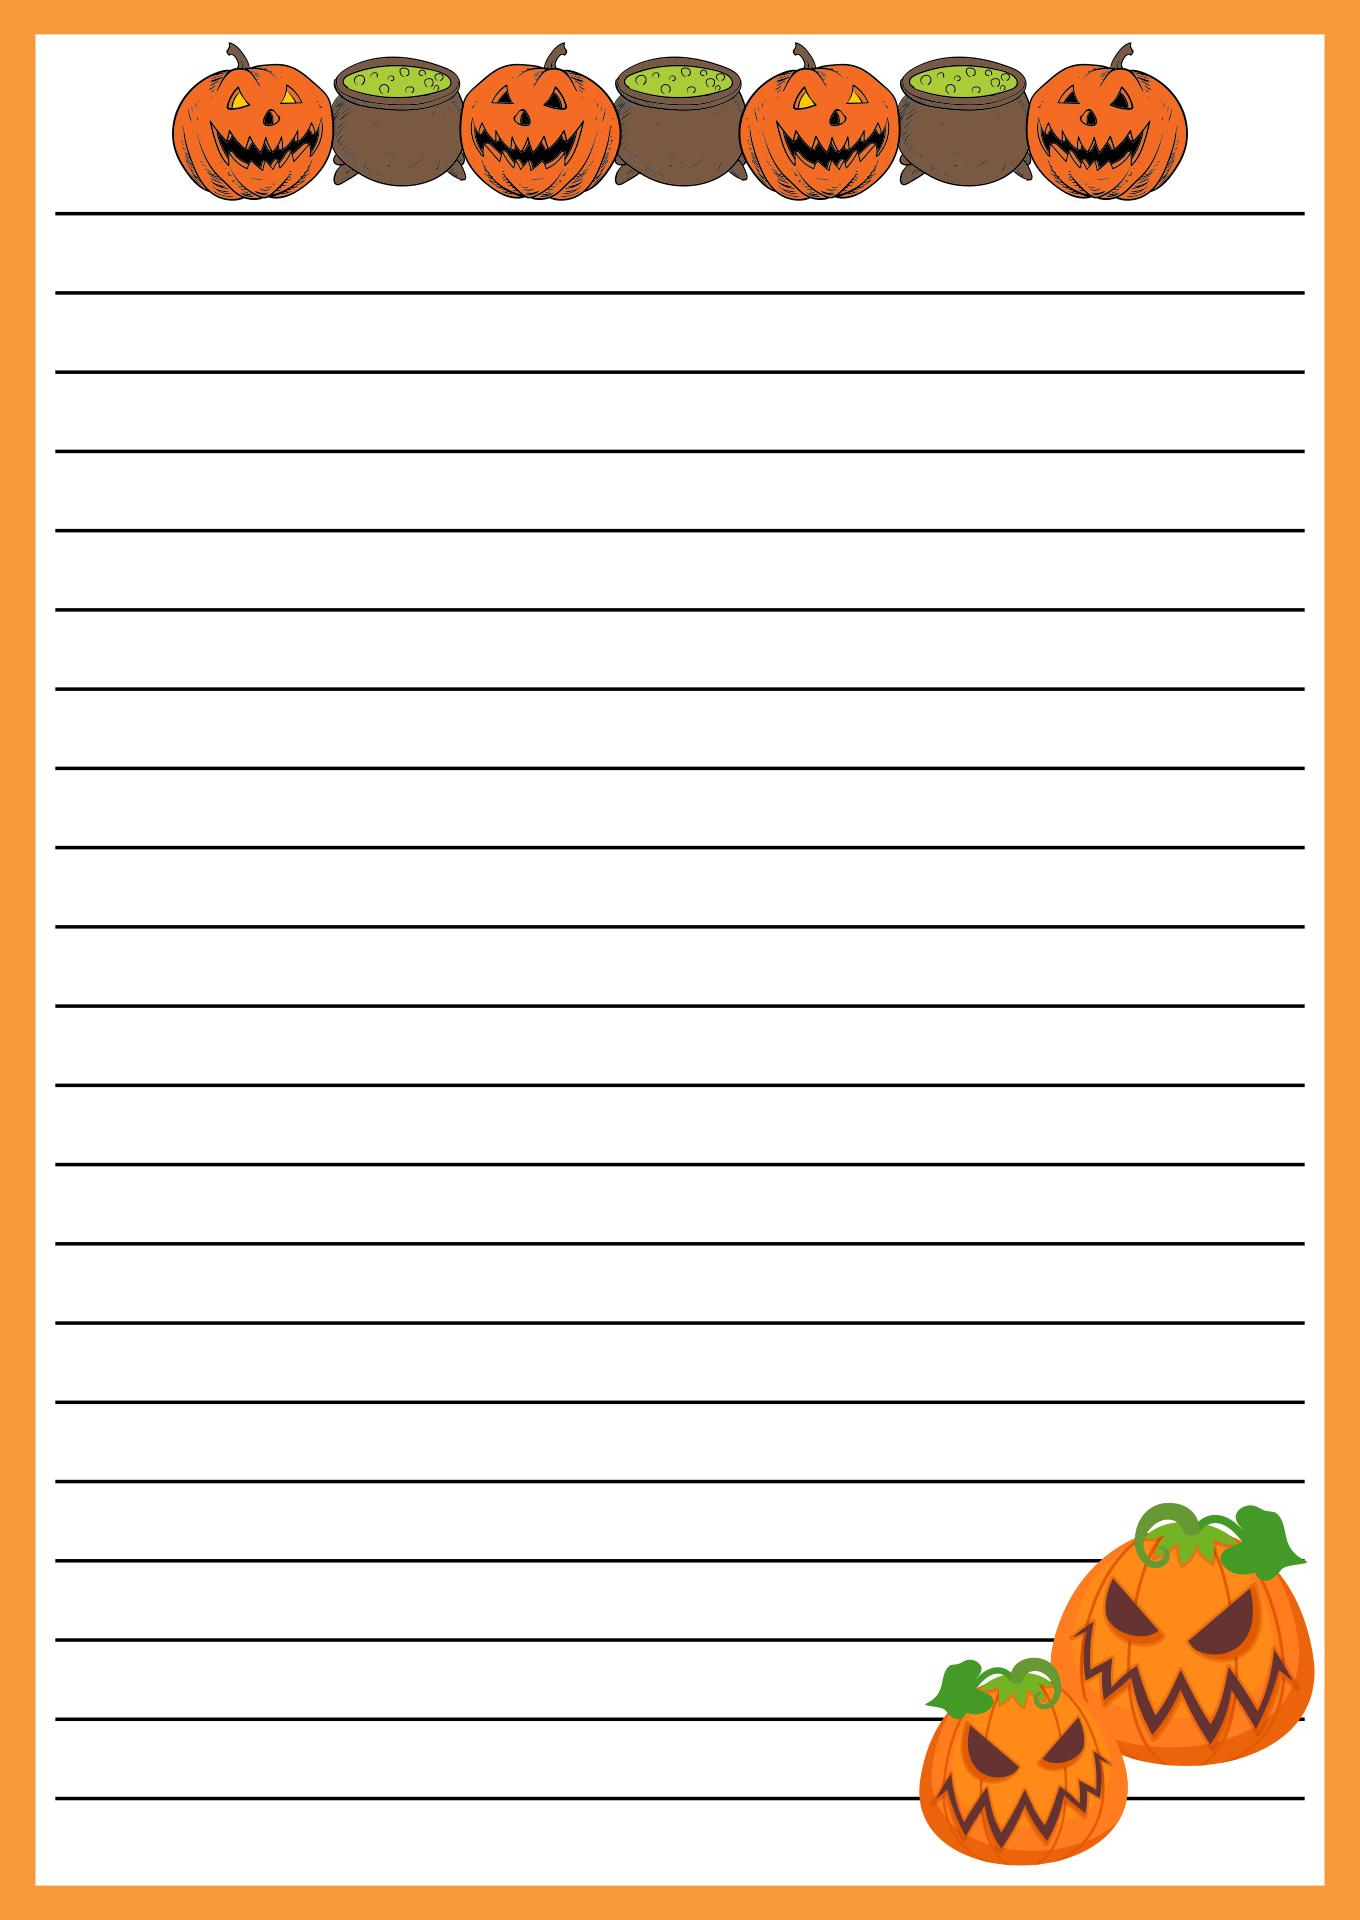 Halloween Letterhead Templates